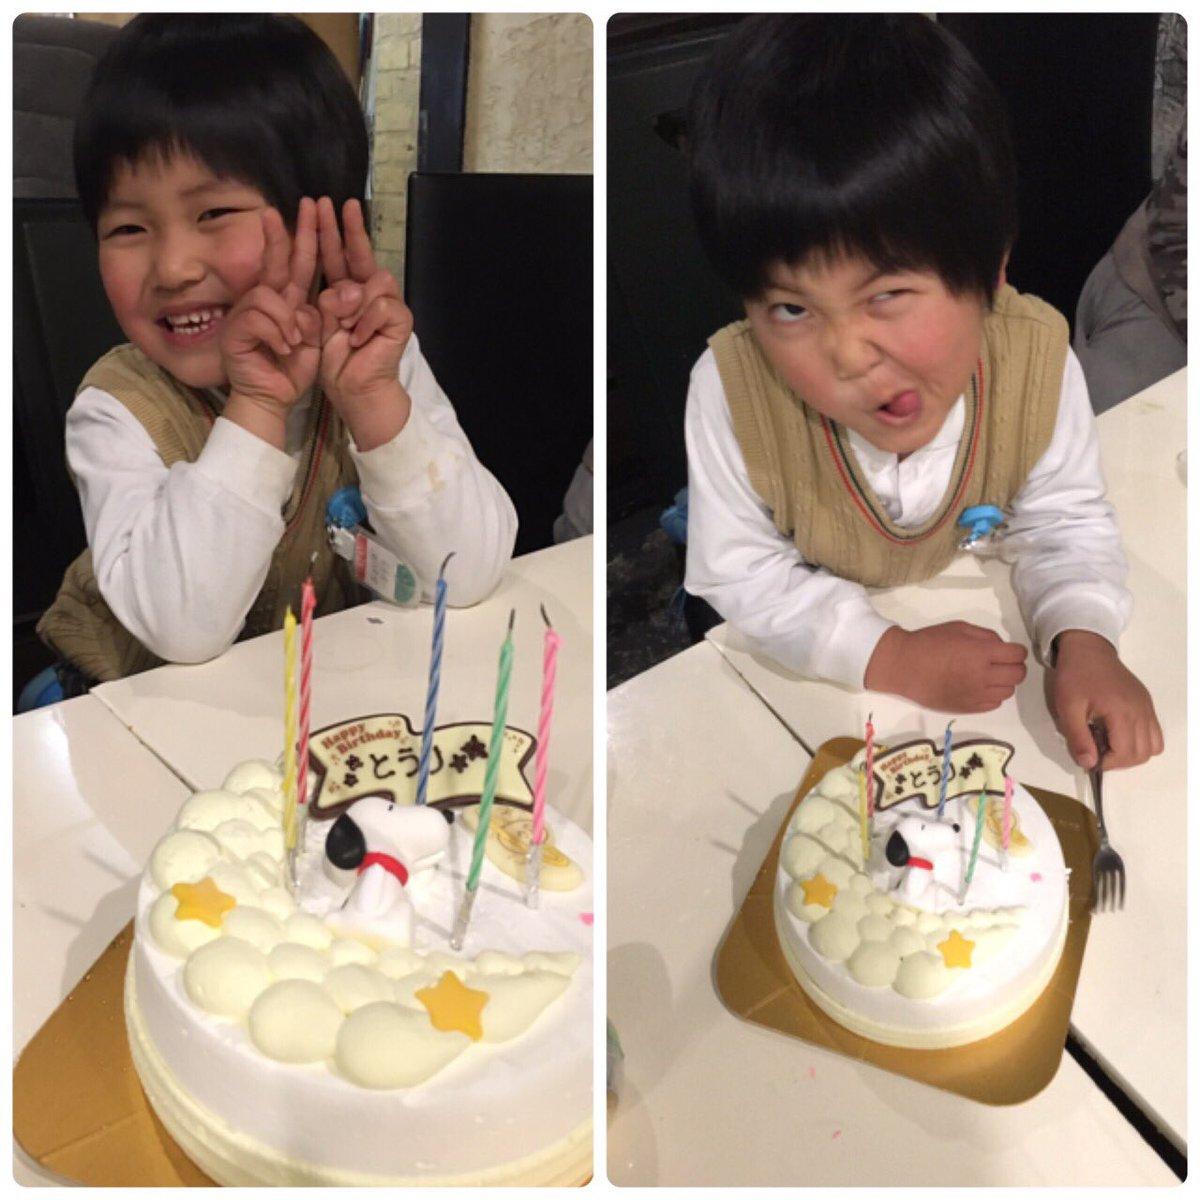 橙利の5才の誕生日! キャンプから帰ってきて念願のアイスケーキを買ってお祝いしました! しかし、クセ…